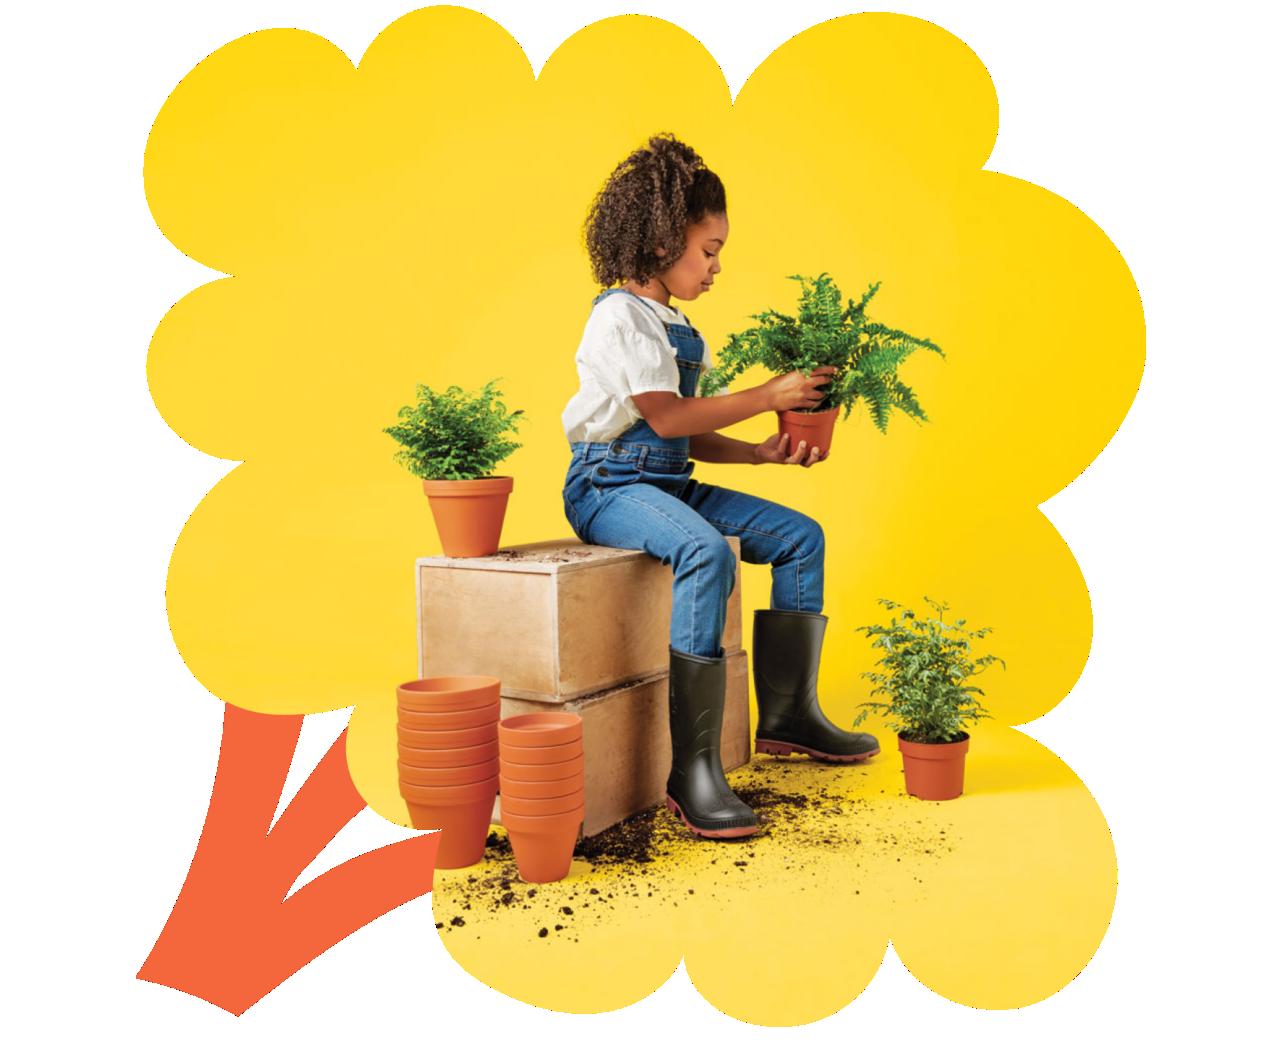 Fille assise sur un banc tenant une plante